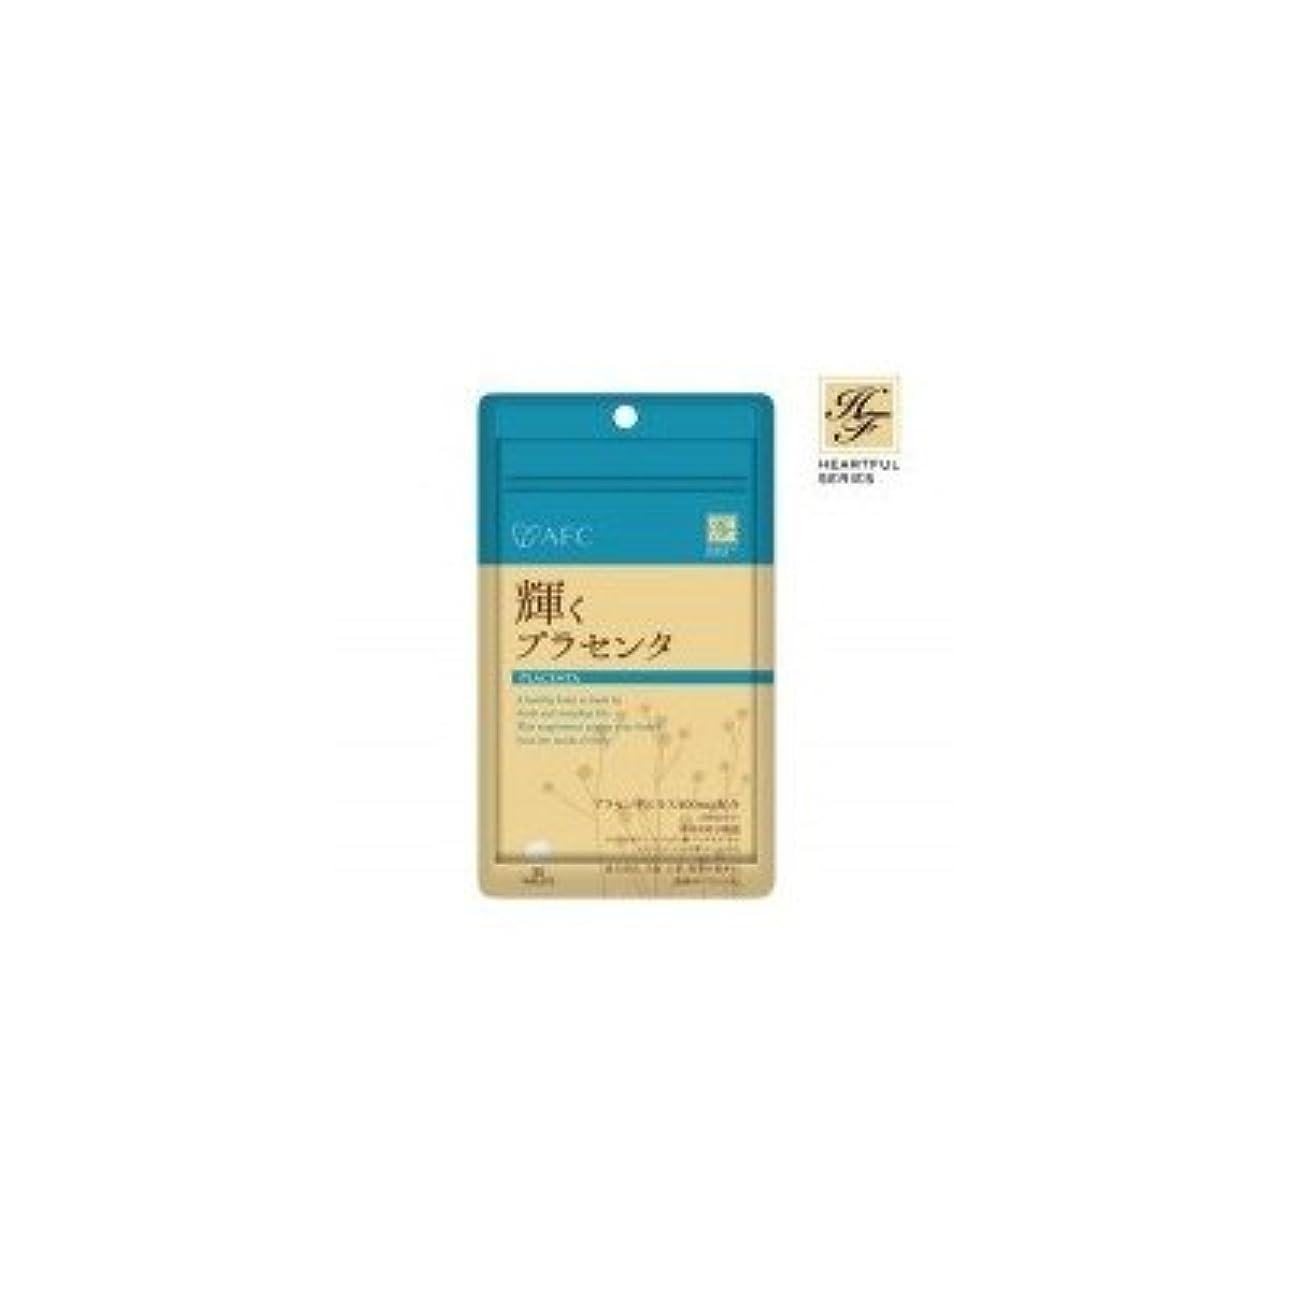 クラブサイトラインメロディアスAFC(エーエフシー) ハートフルシリーズサプリ 輝くプラセンタ HFS02×6袋 こころが溢れる健康習慣